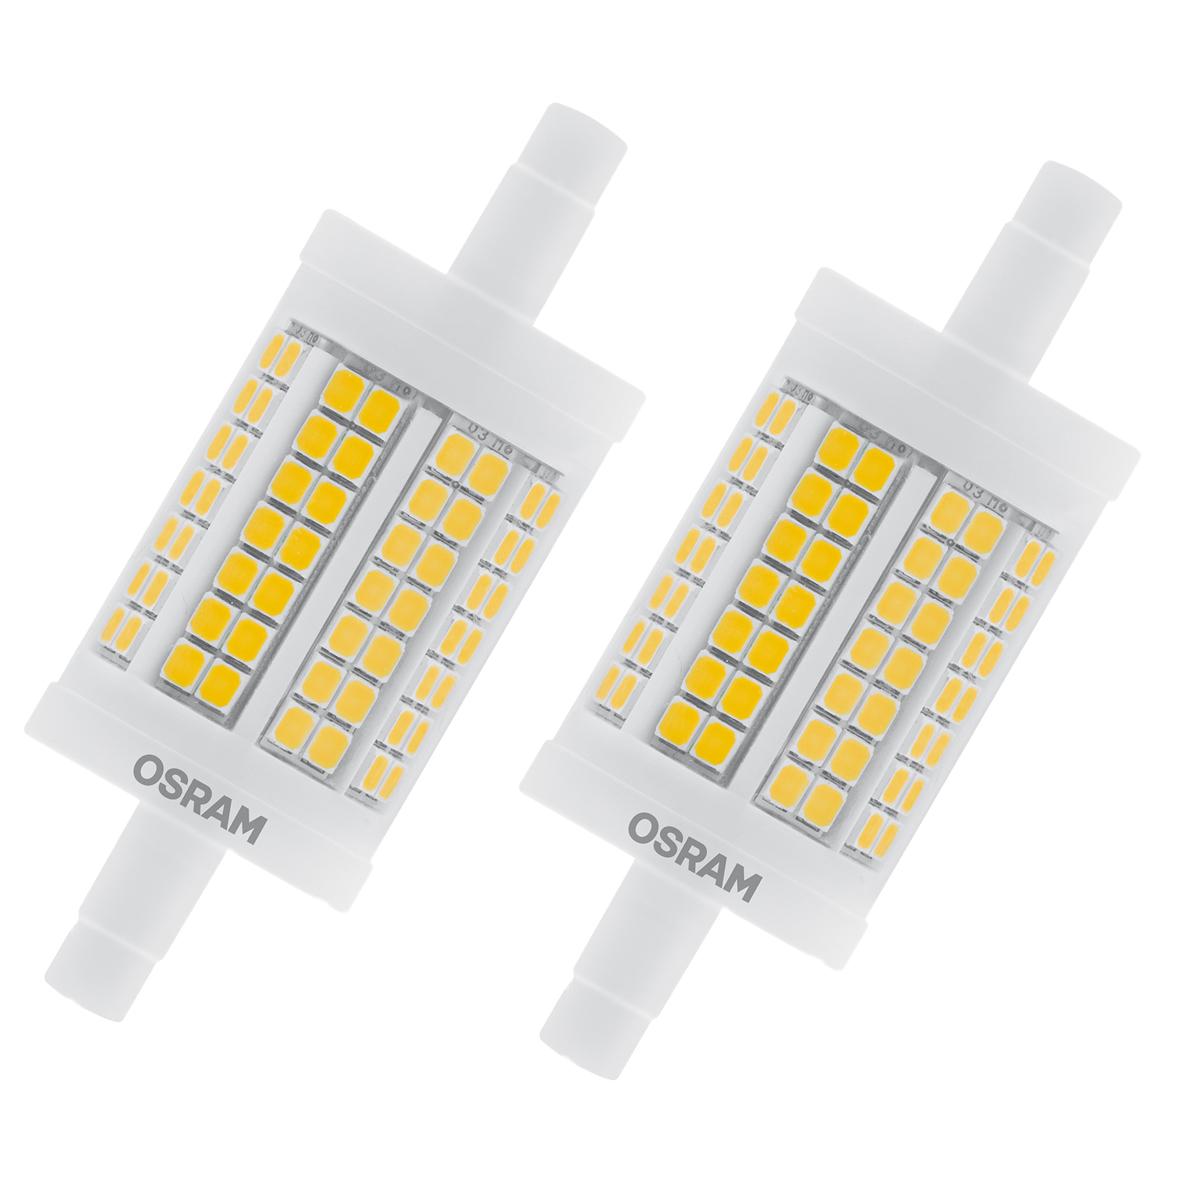 osram led star line r7s 11 5w 100w 1521lm warm white 2700k l nge 78mm nondim 2er. Black Bedroom Furniture Sets. Home Design Ideas